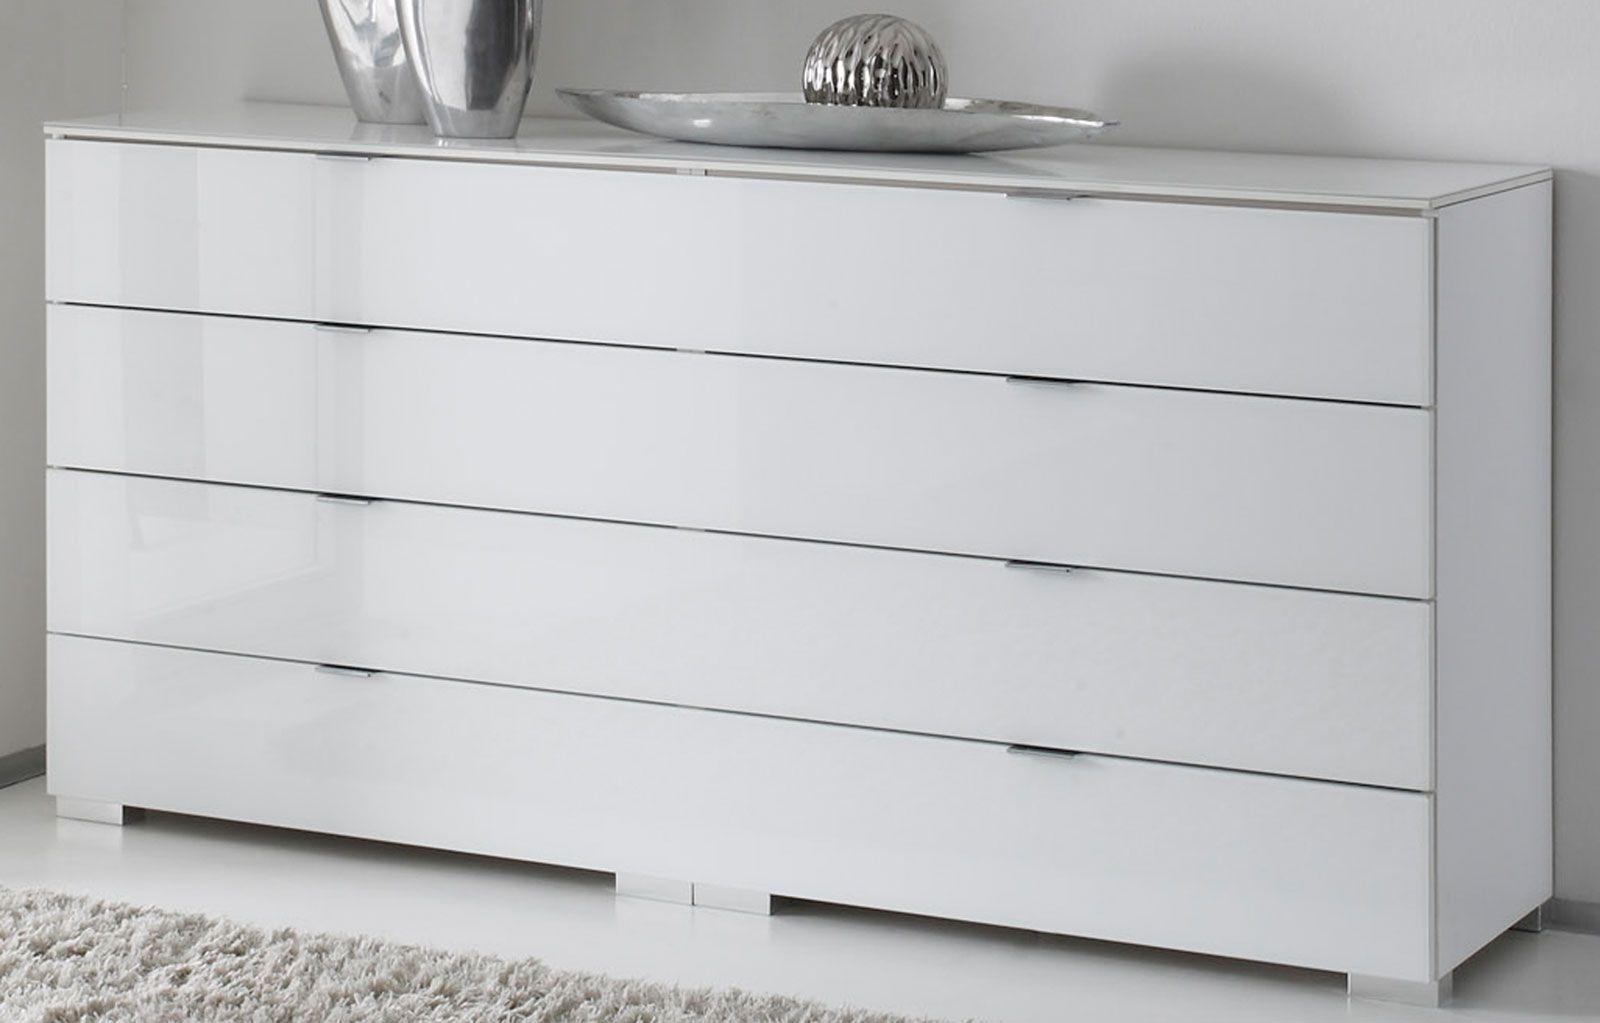 billig schlafzimmer kommode hochglanz | deutsche deko | pinterest ... - Schlafzimmer Mit Kommode